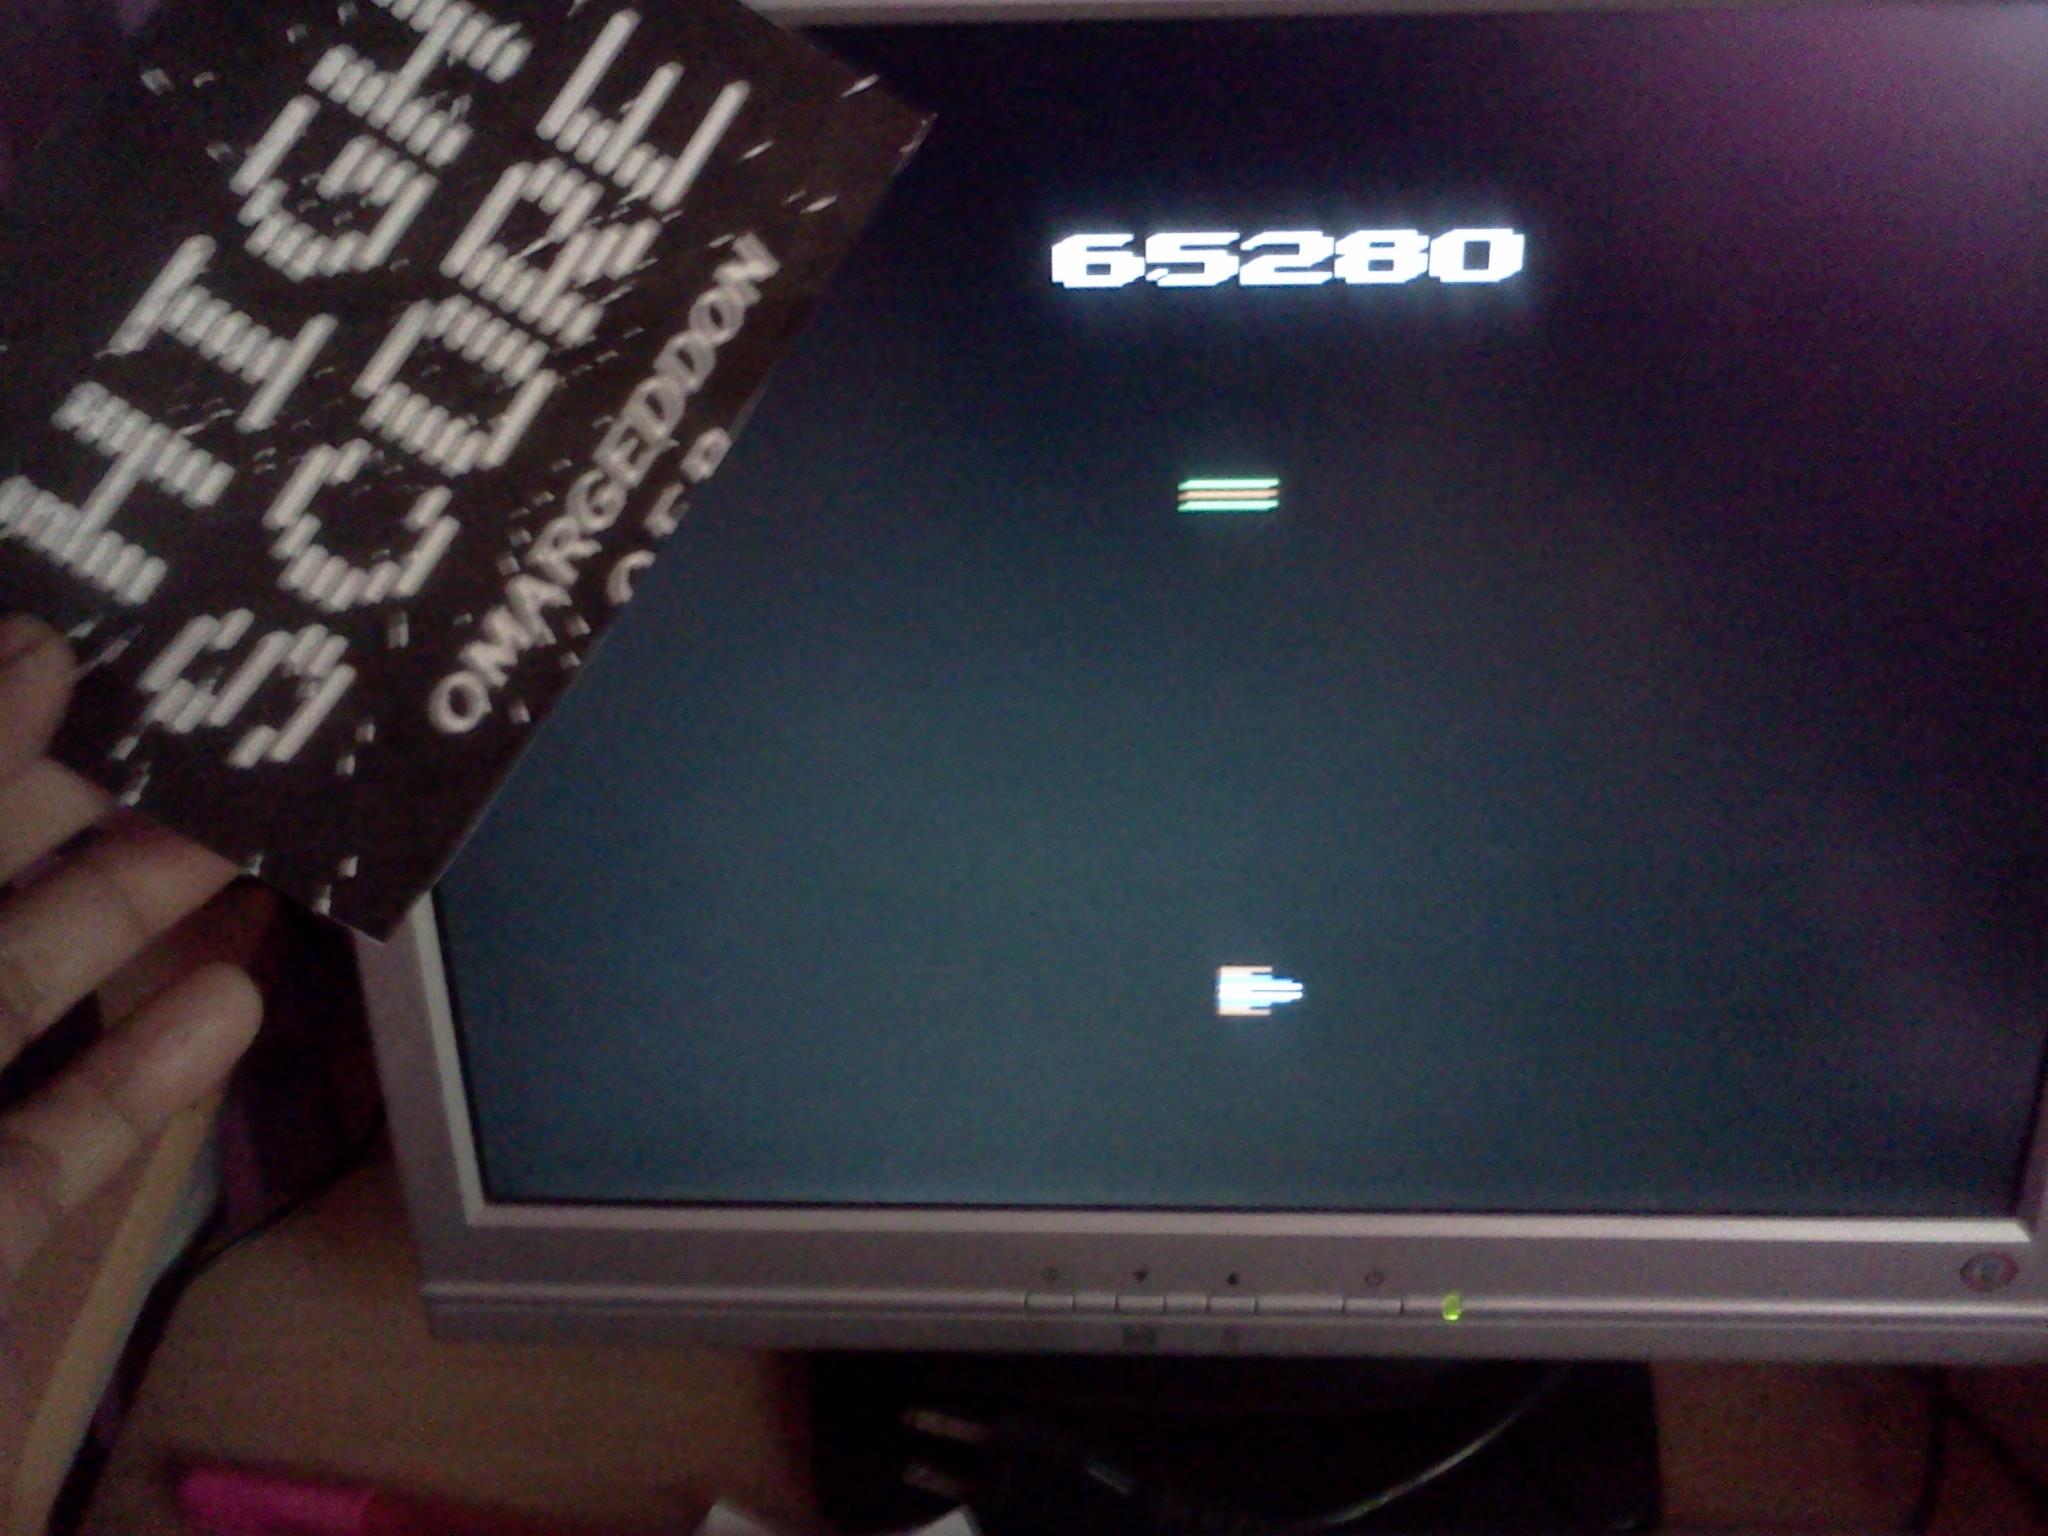 omargeddon: Turmoil (Atari 2600 Emulated) 65,280 points on 2016-09-01 17:24:24